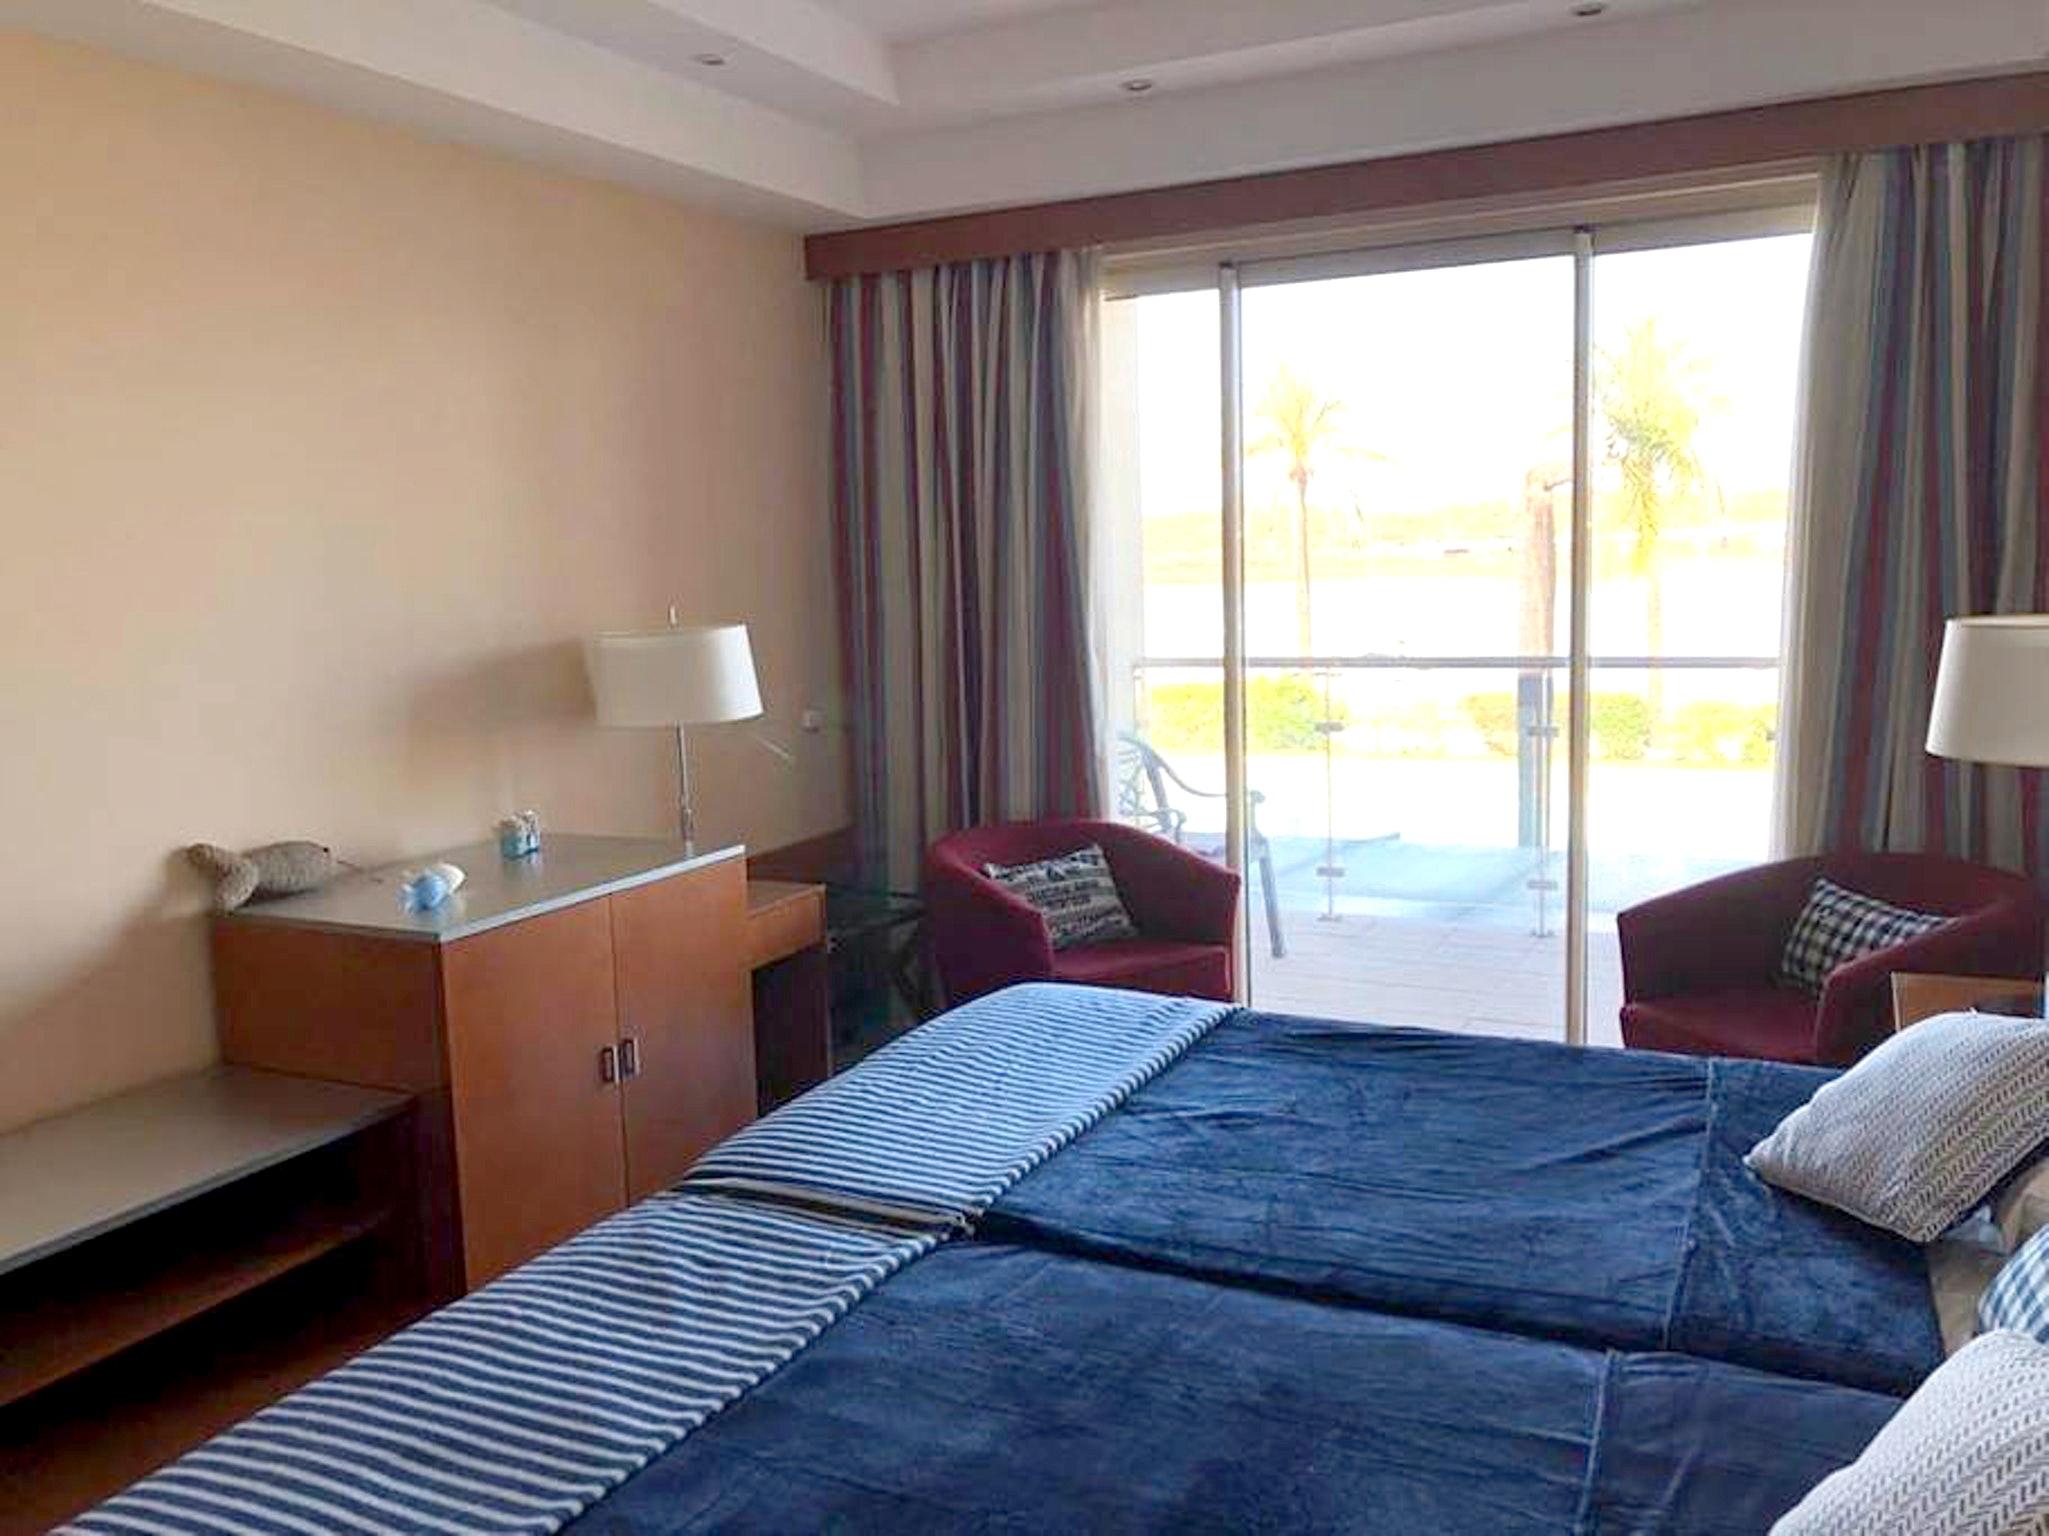 Ferienwohnung Wohnung mit einem Schlafzimmer in Estômbar mit bezauberndem Seeblick, Pool, eingezäuntem G (2623795), Estombar, , Algarve, Portugal, Bild 7